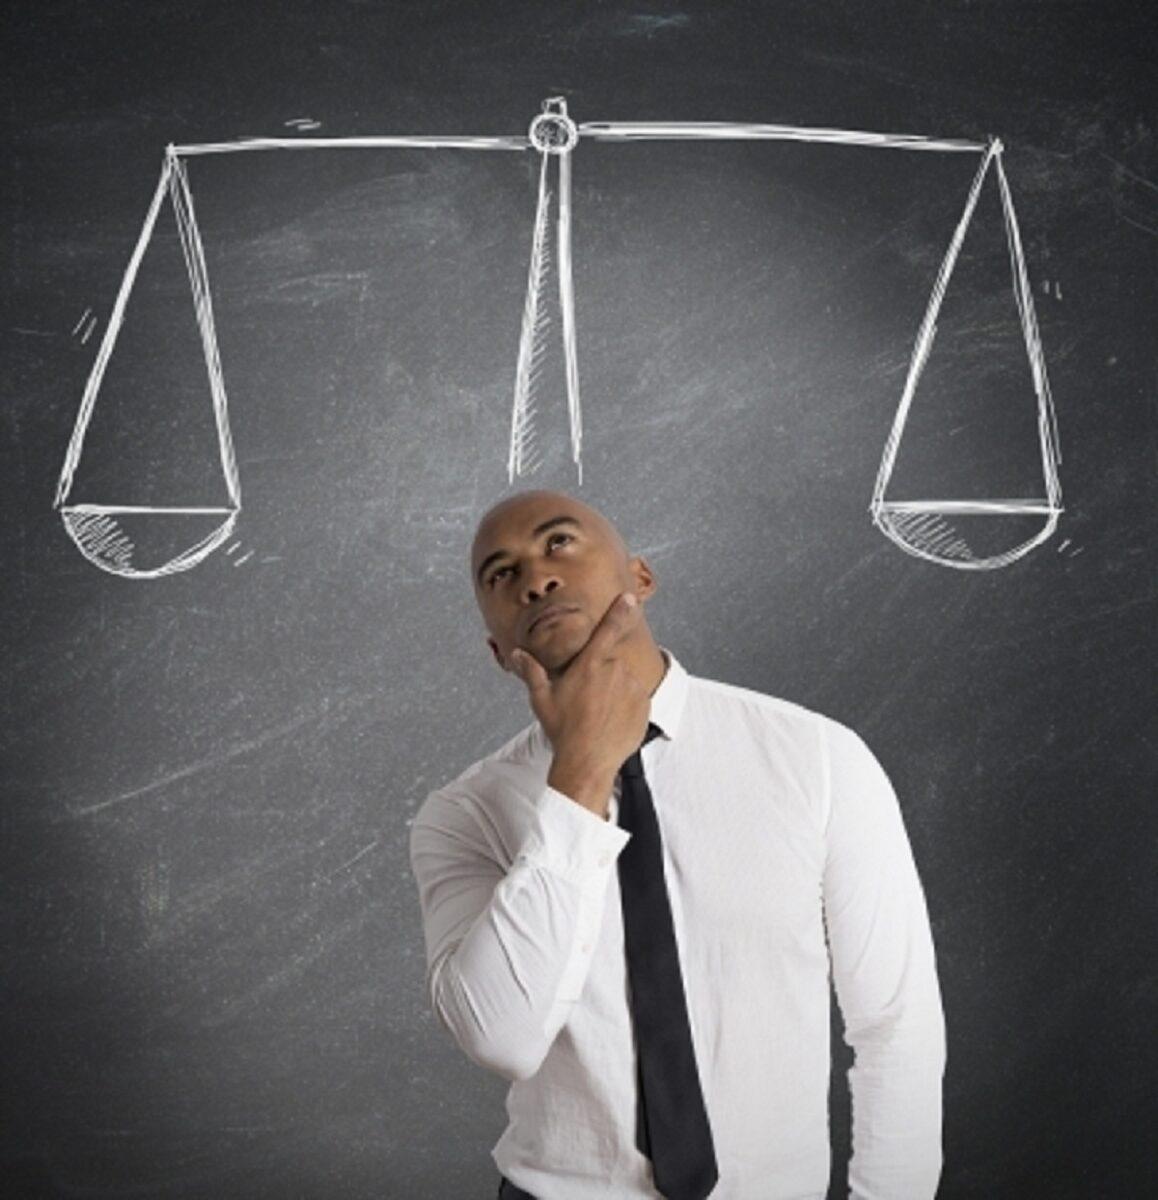 クラウド会計を比較するとどんな感じ? 料金、機能、つかいやすさなどアピールポイントがちがう